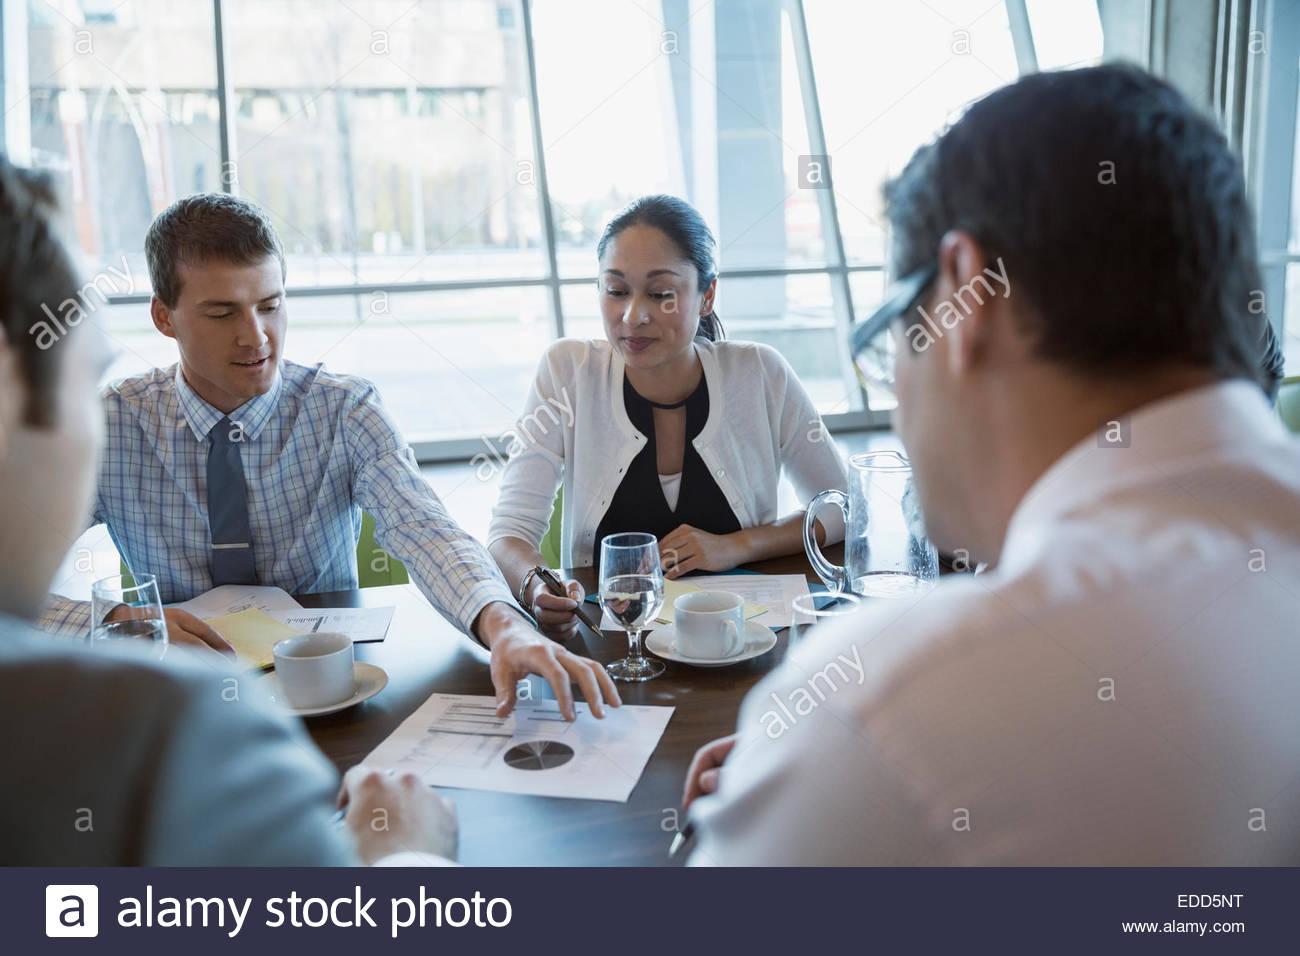 Les gens d'affaires de discuter des données dans la salle de conférence réunion Photo Stock